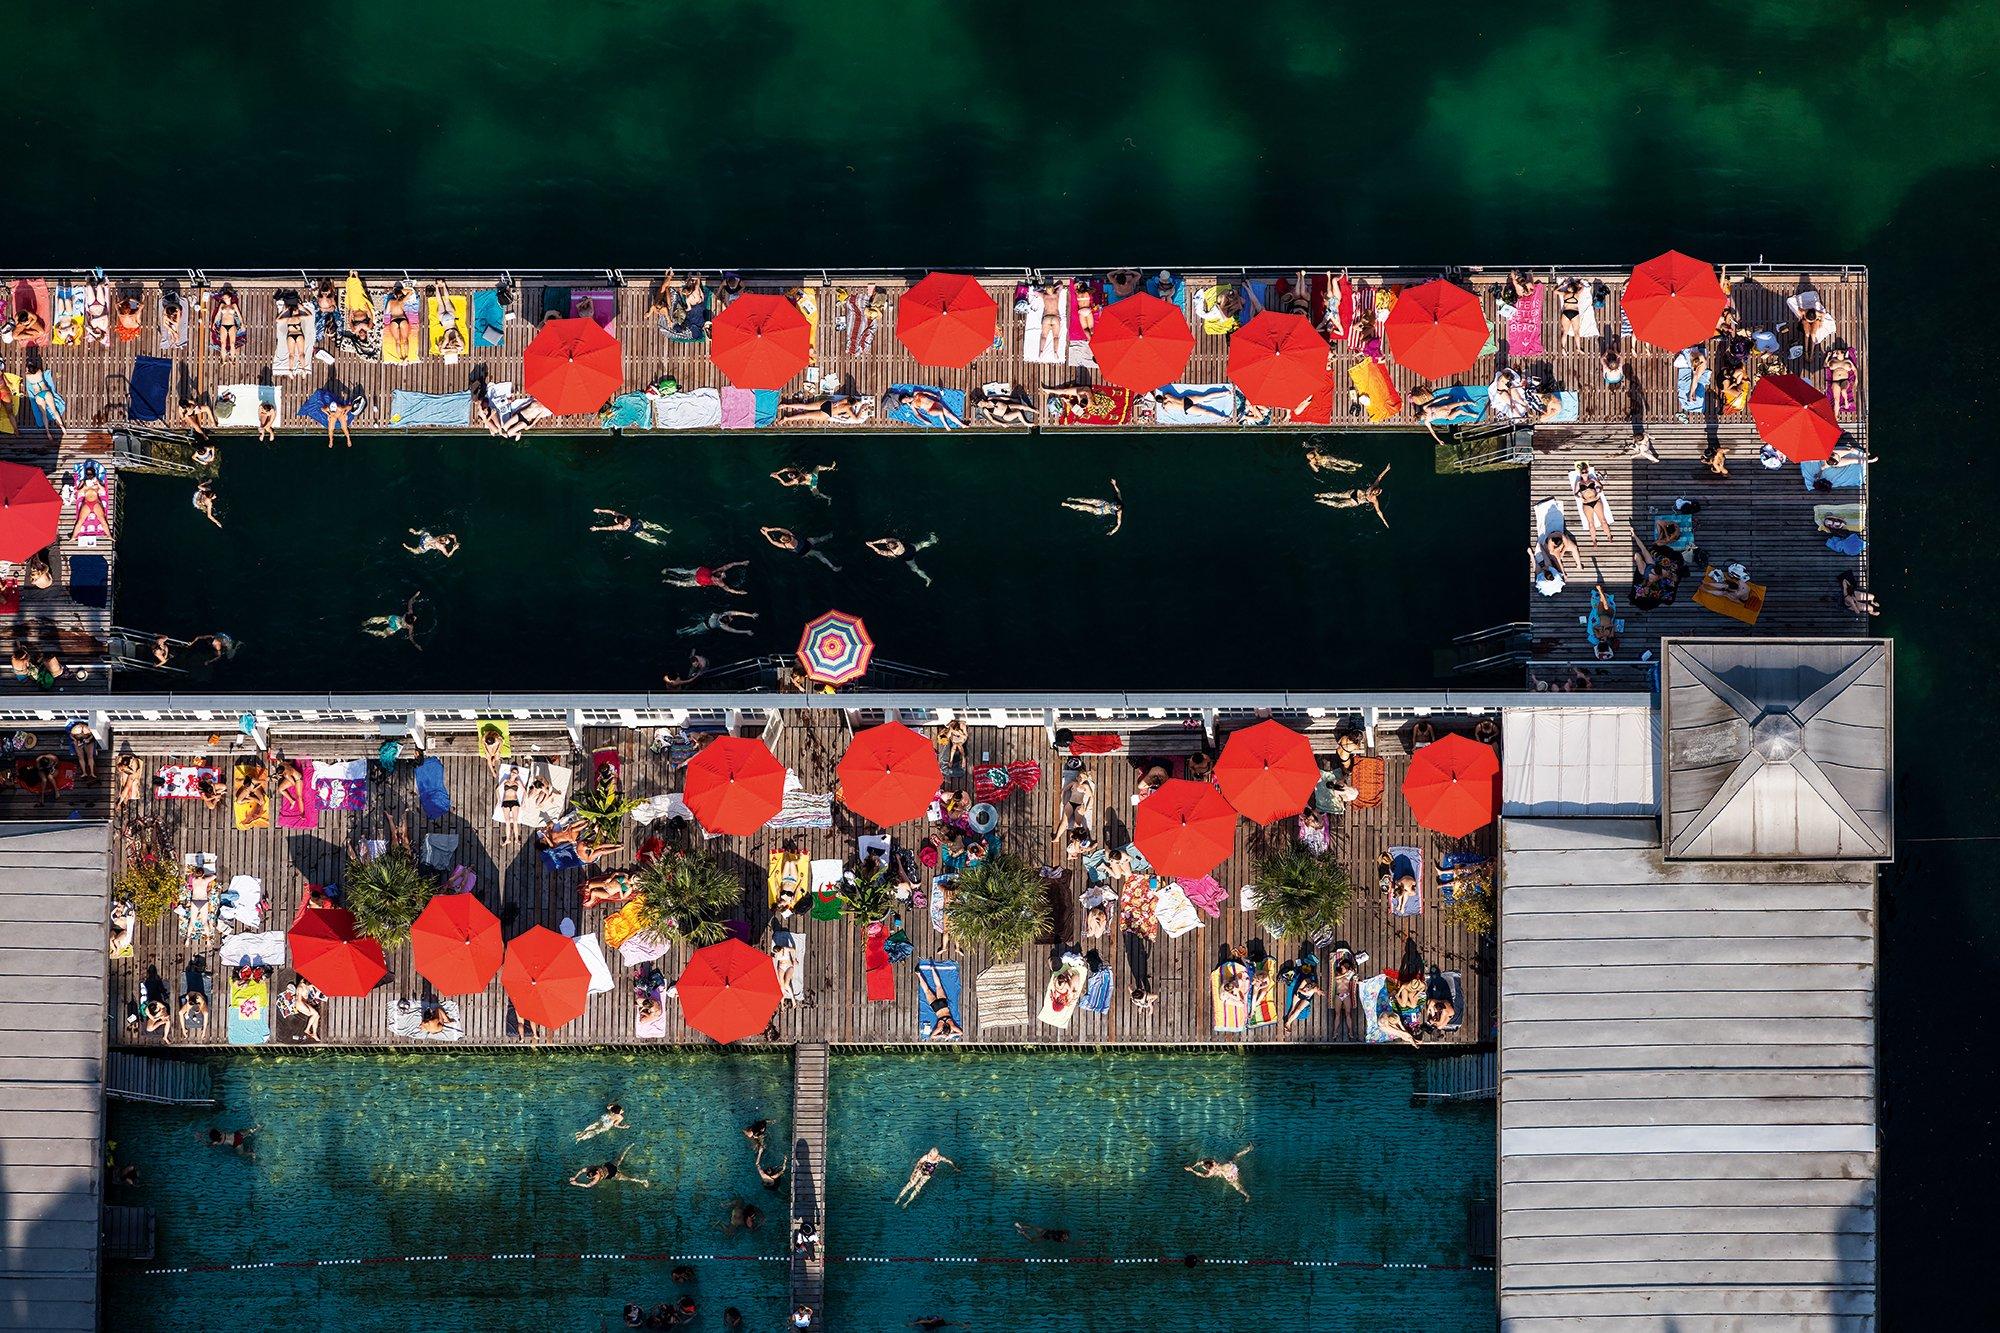 FRAUENBAD STADTHAUSQUAI, Zürich, Schweiz, Foto: Alessandro Della Bella